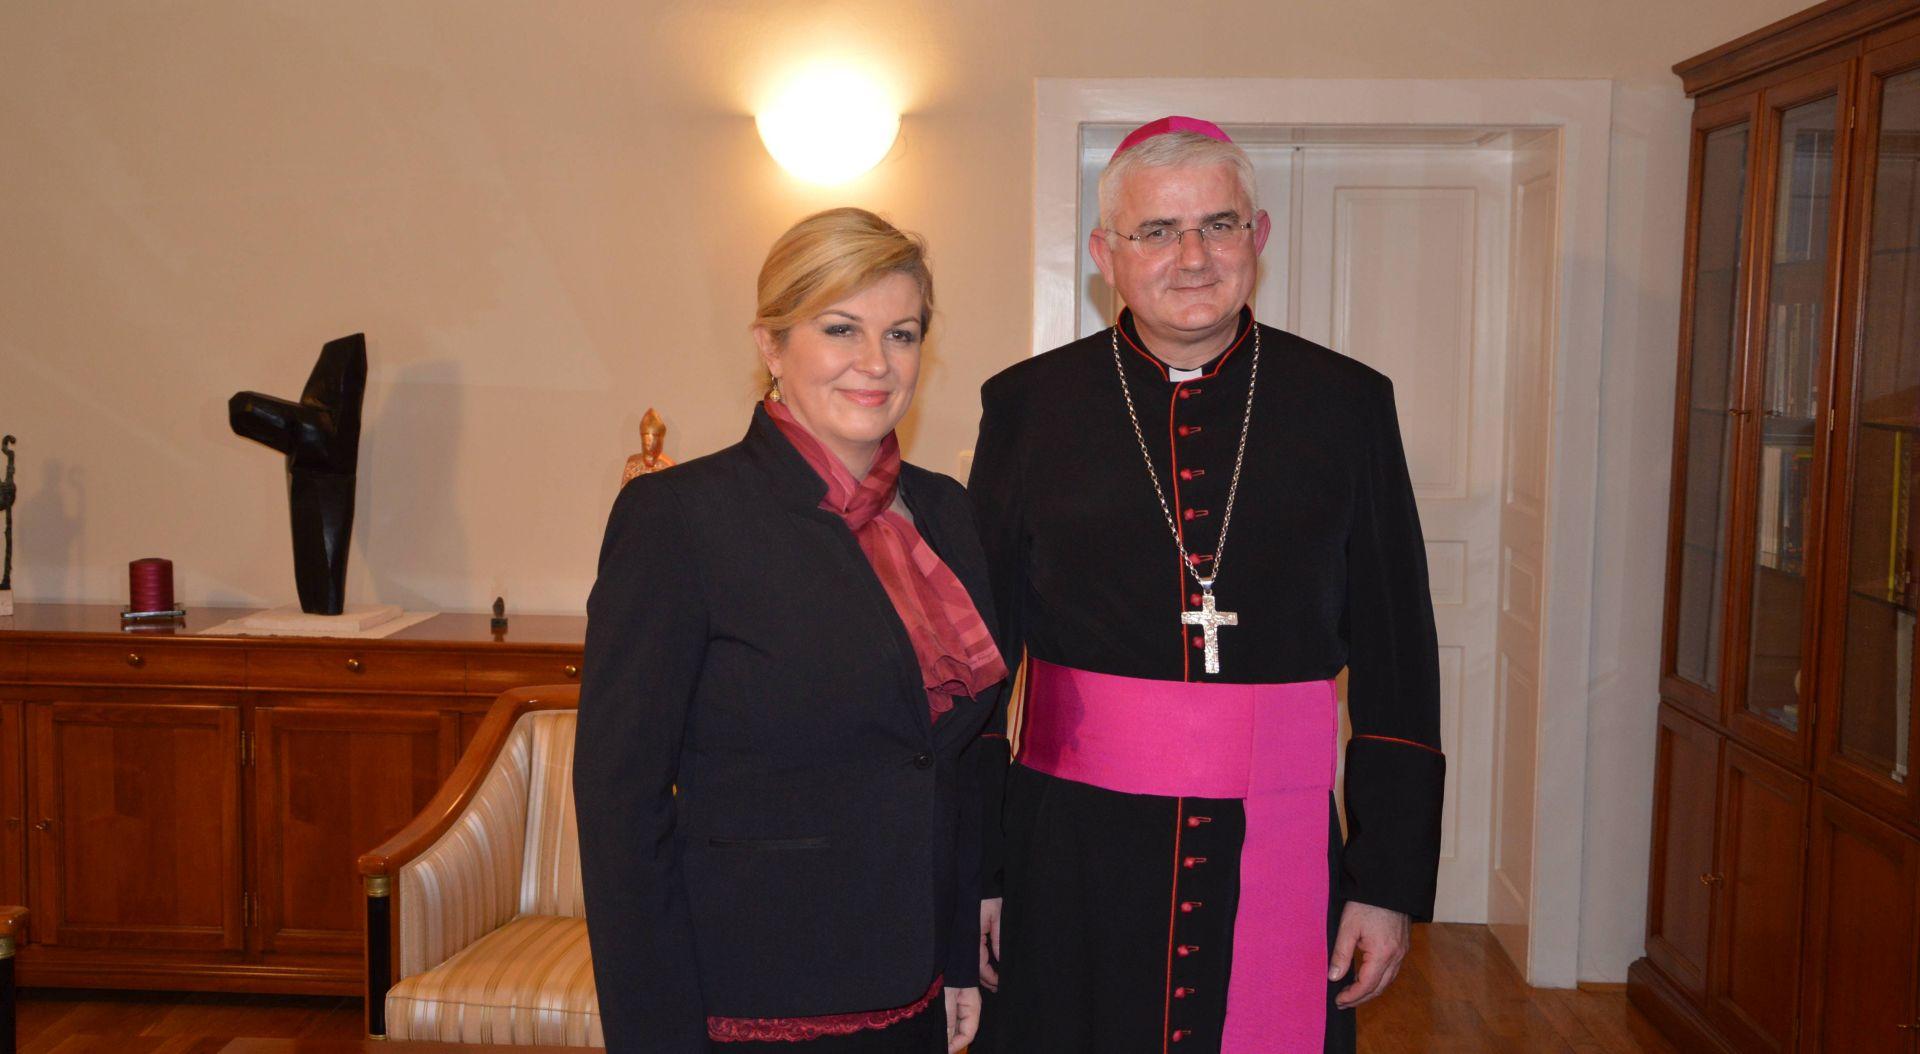 OTVORENJE FESTE SV. VLAHA: Predsjednica Grabar-Kitarović s biskupom Uzinićem i nadbiskupom Chicaga mons. Cupichem